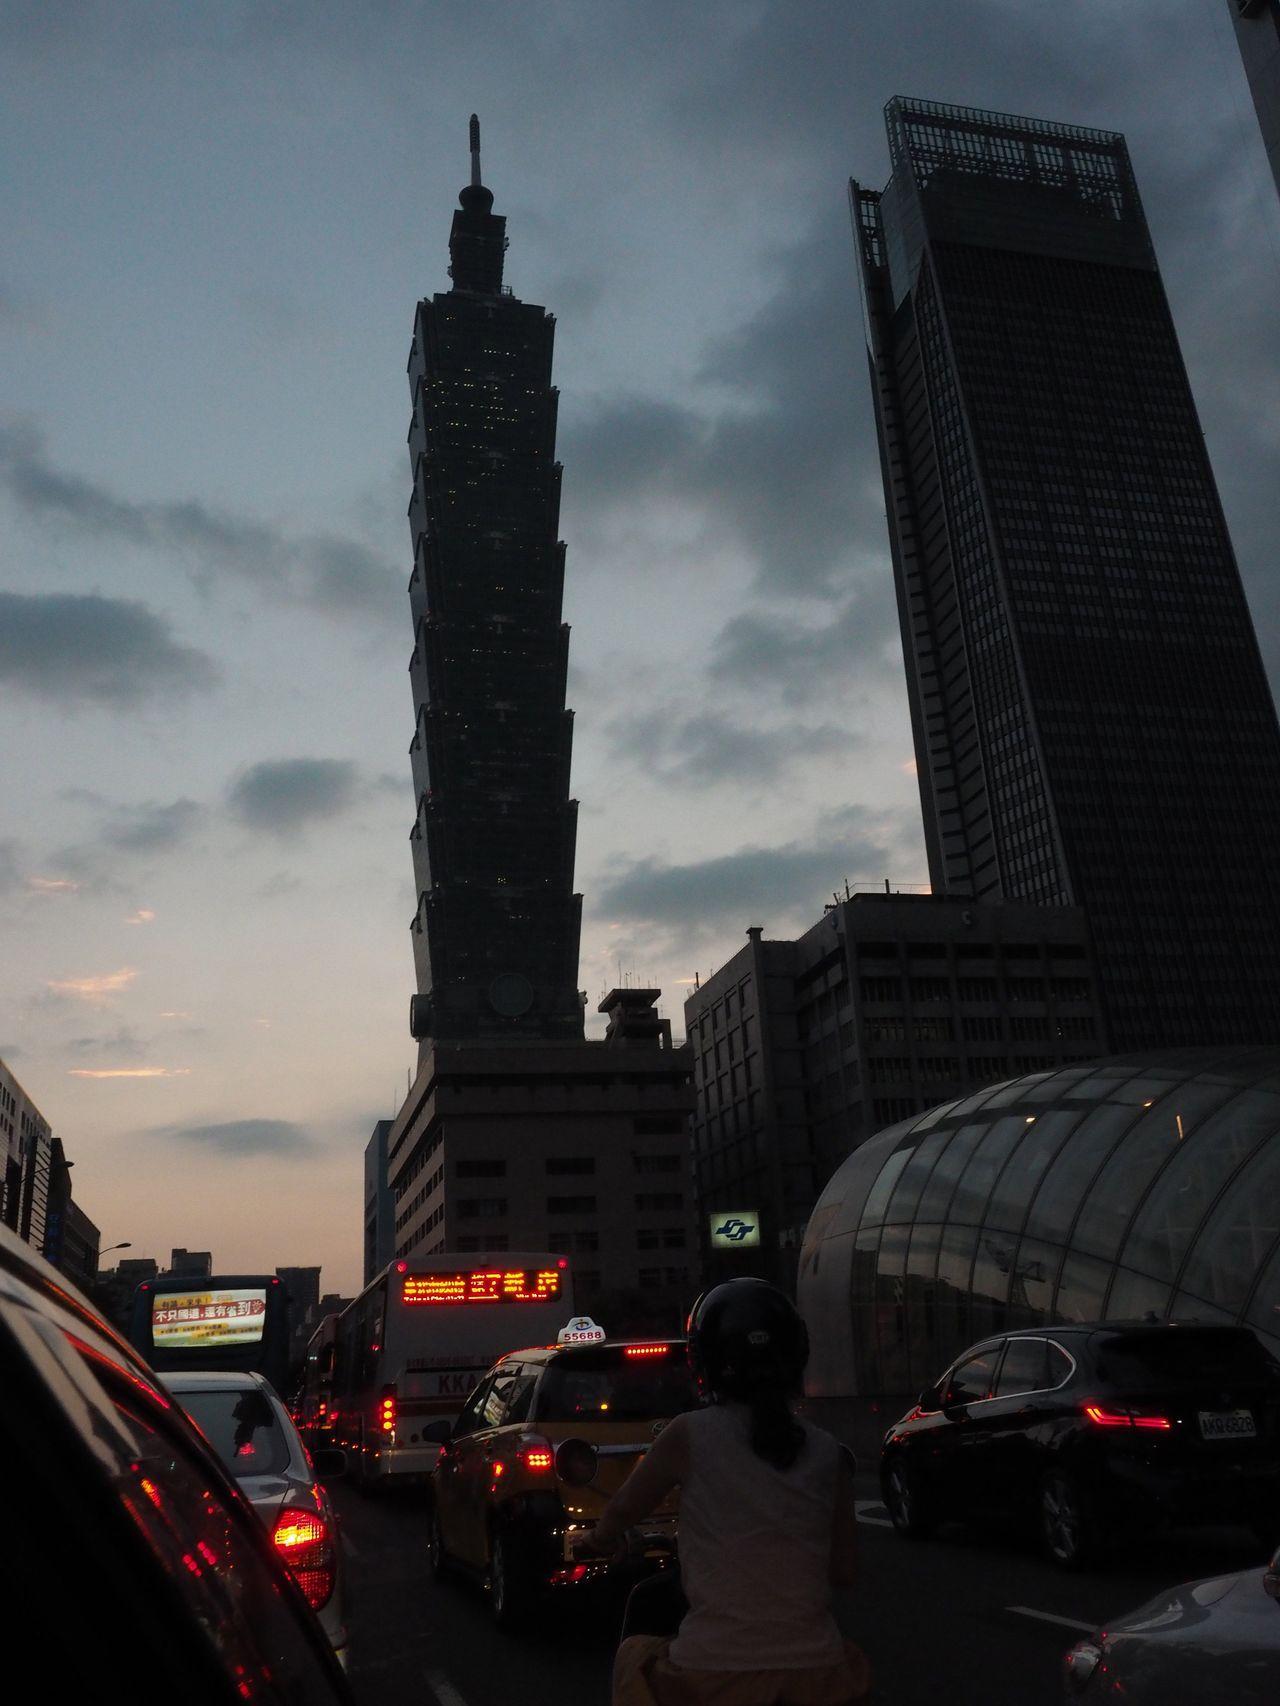 彭博預警,台灣今年將再度爆發缺電危機,情況可能比去年更嚴重。歐新社